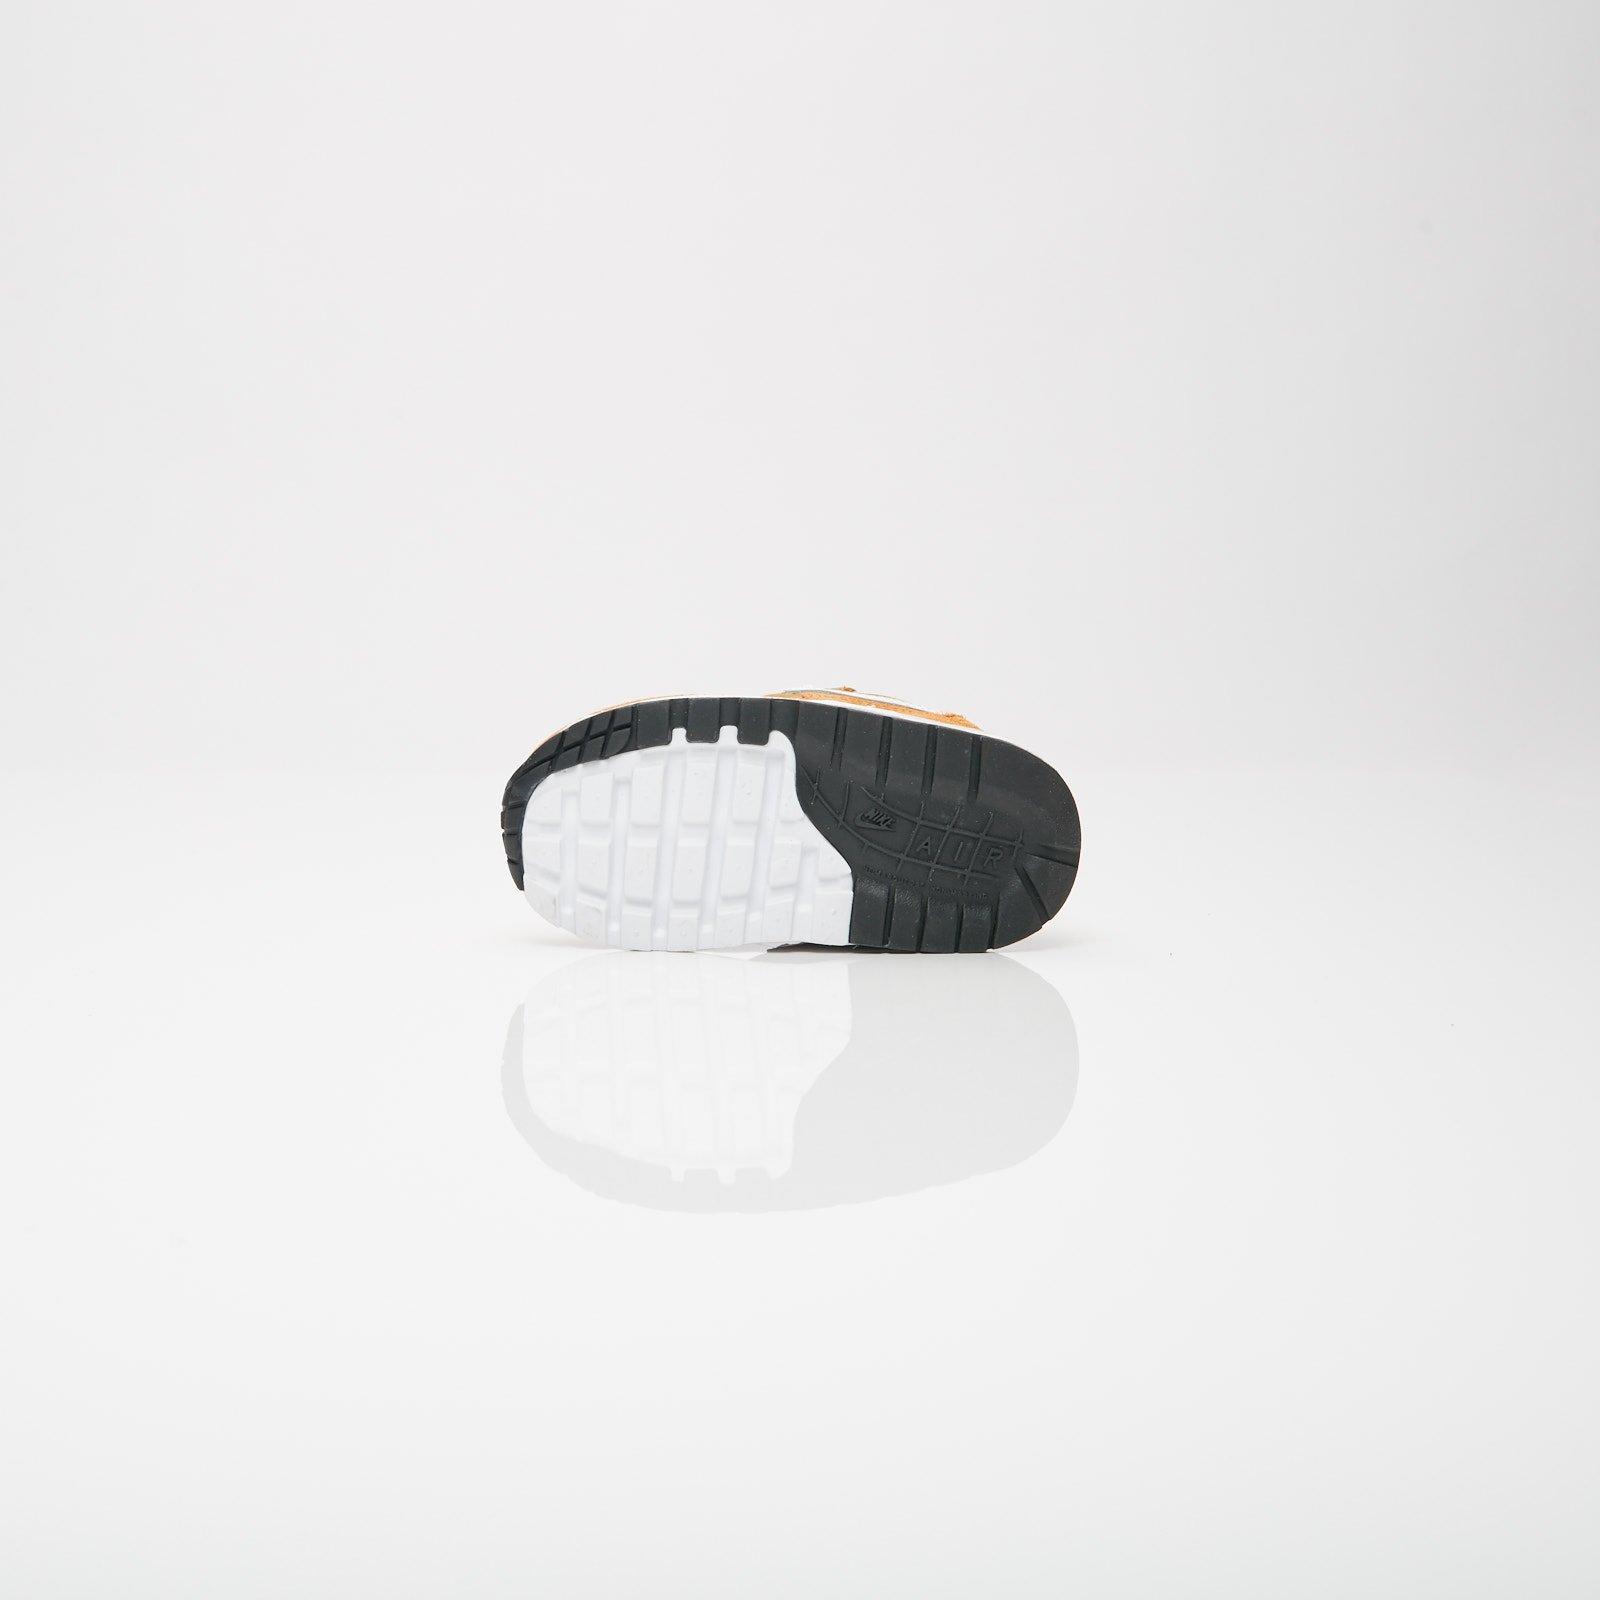 new concept 5b1a6 010c1 Nike Sportswear Air Max 1 Premium Retro (TD) - 6. Close